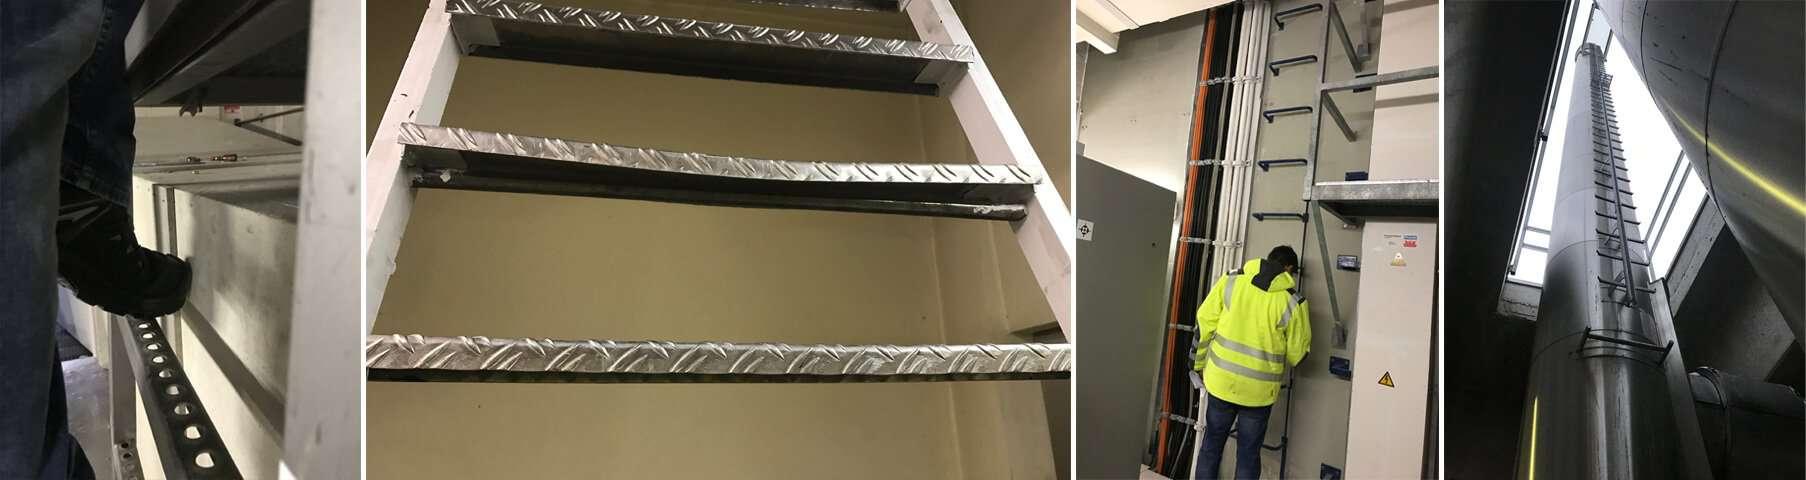 DGUV Prüfungen / UVV Prüfungen von Steigleitern und Treppen